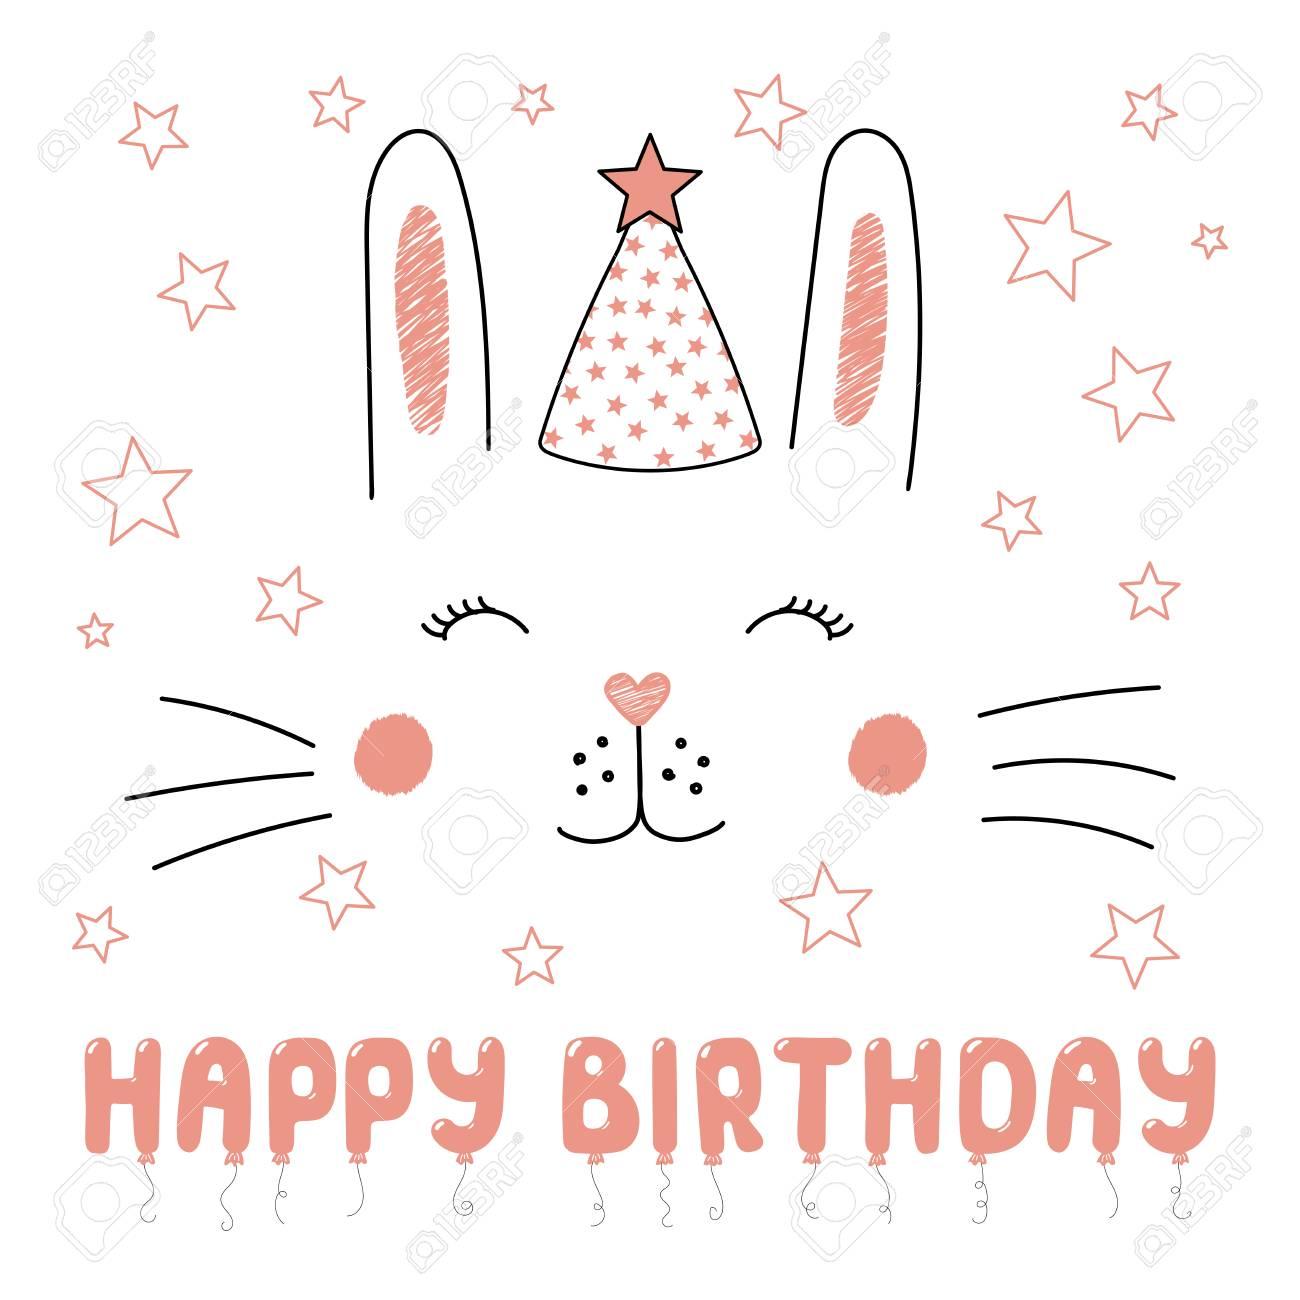 パーティー帽子にかわいい面白いウサギの手描きベクトルポートレート テキストハッピーバースデー 白い背景に分離されたオブジェクト ベクトルイラスト 子供 パーティー お祝い カードのためのデザインコンセプト のイラスト素材 ベクタ Image